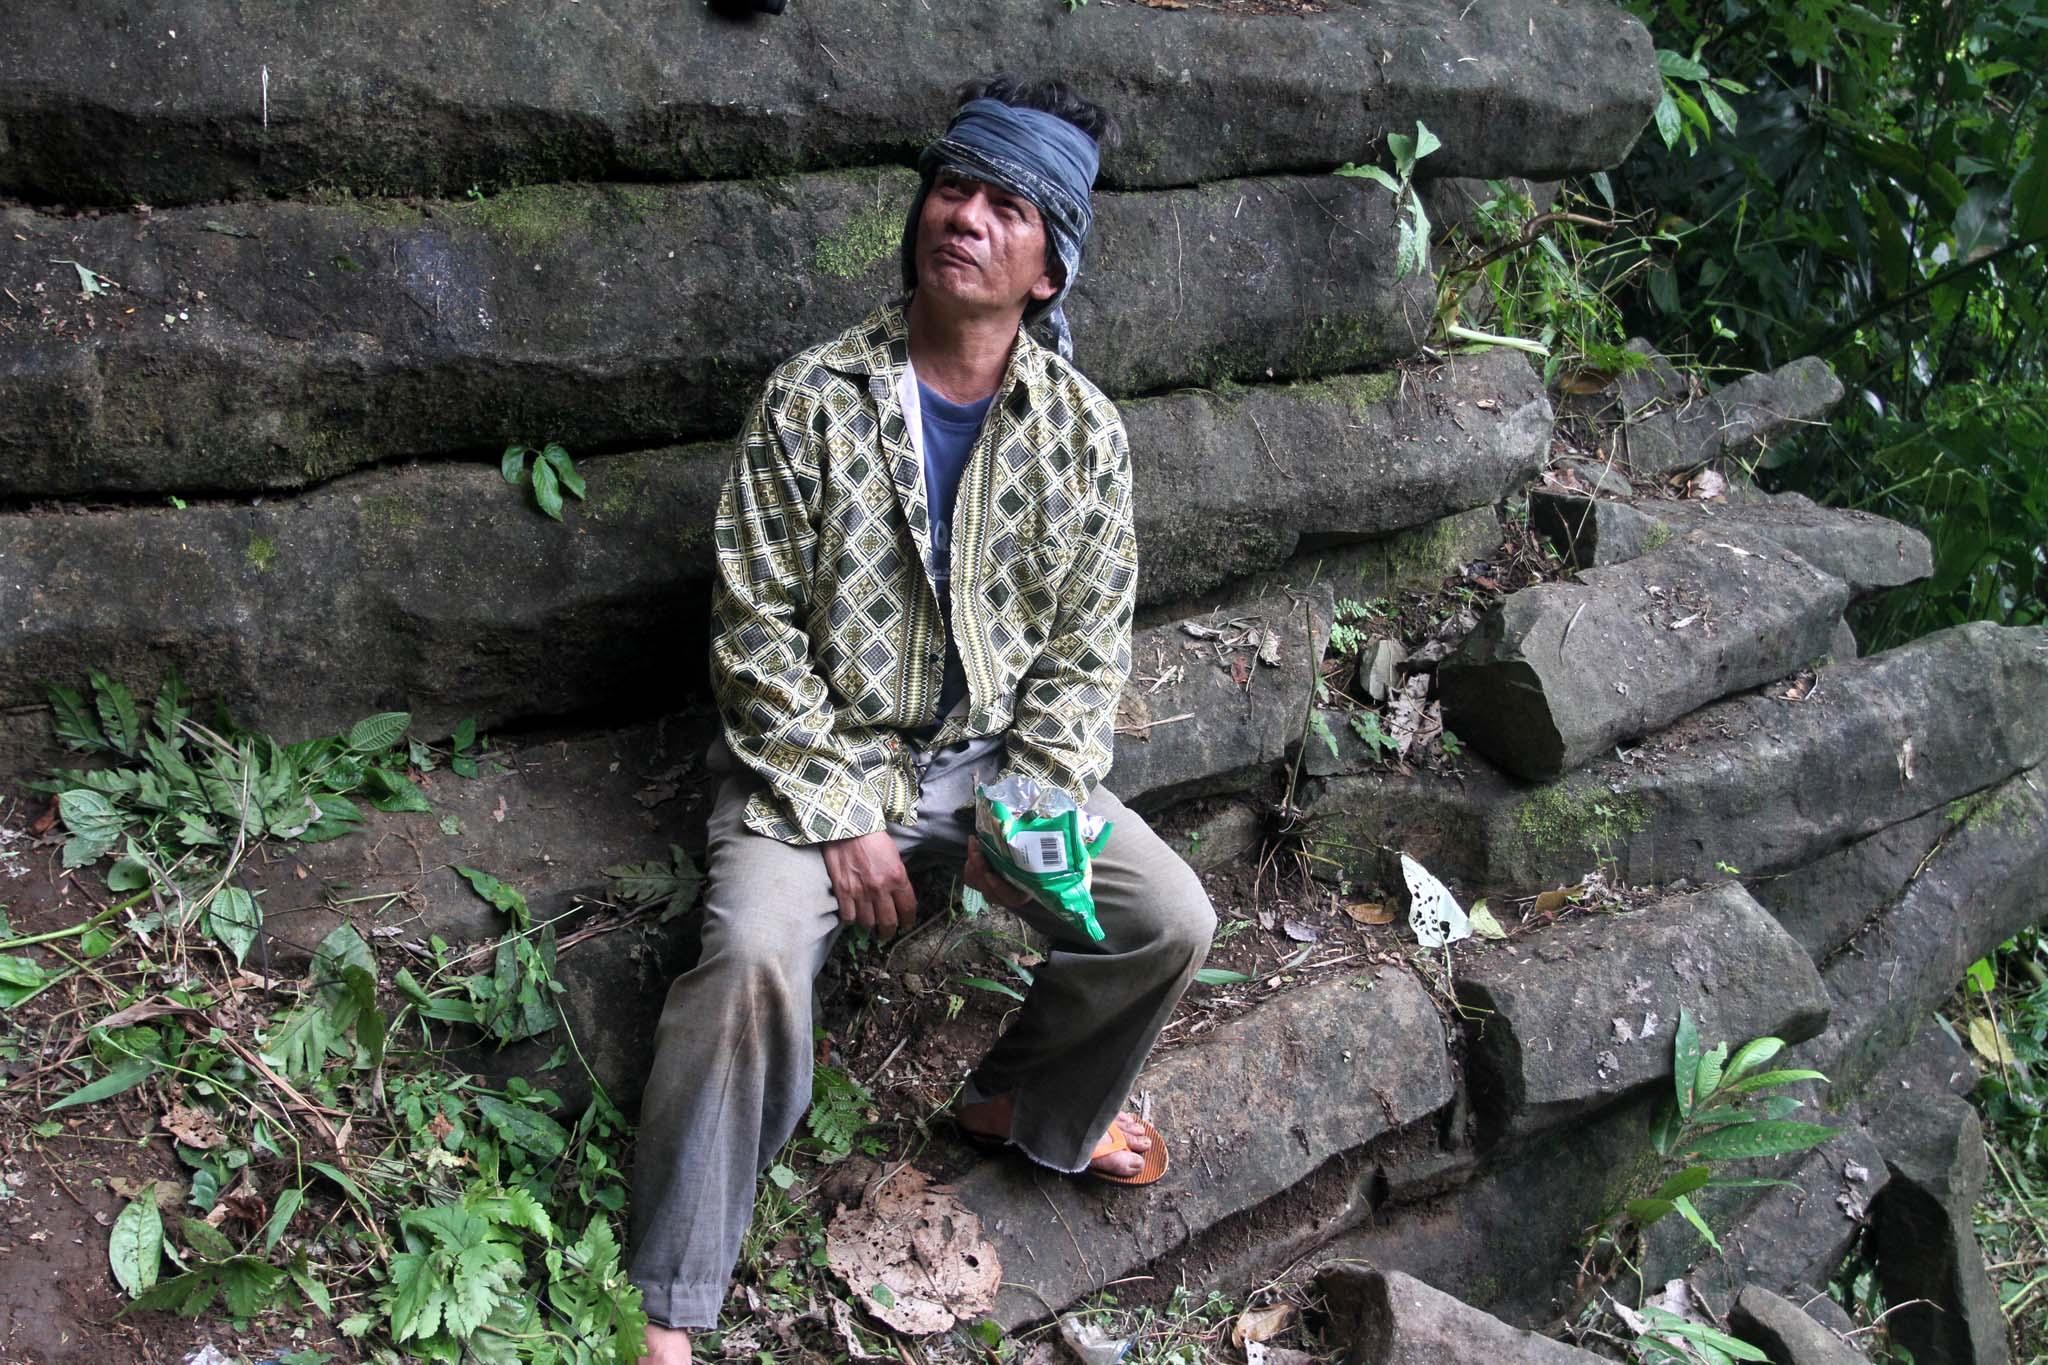 Yuk Menjelajah Situs Gunung Padang di Desa Kami Majenang (Contoh Warta Warga)